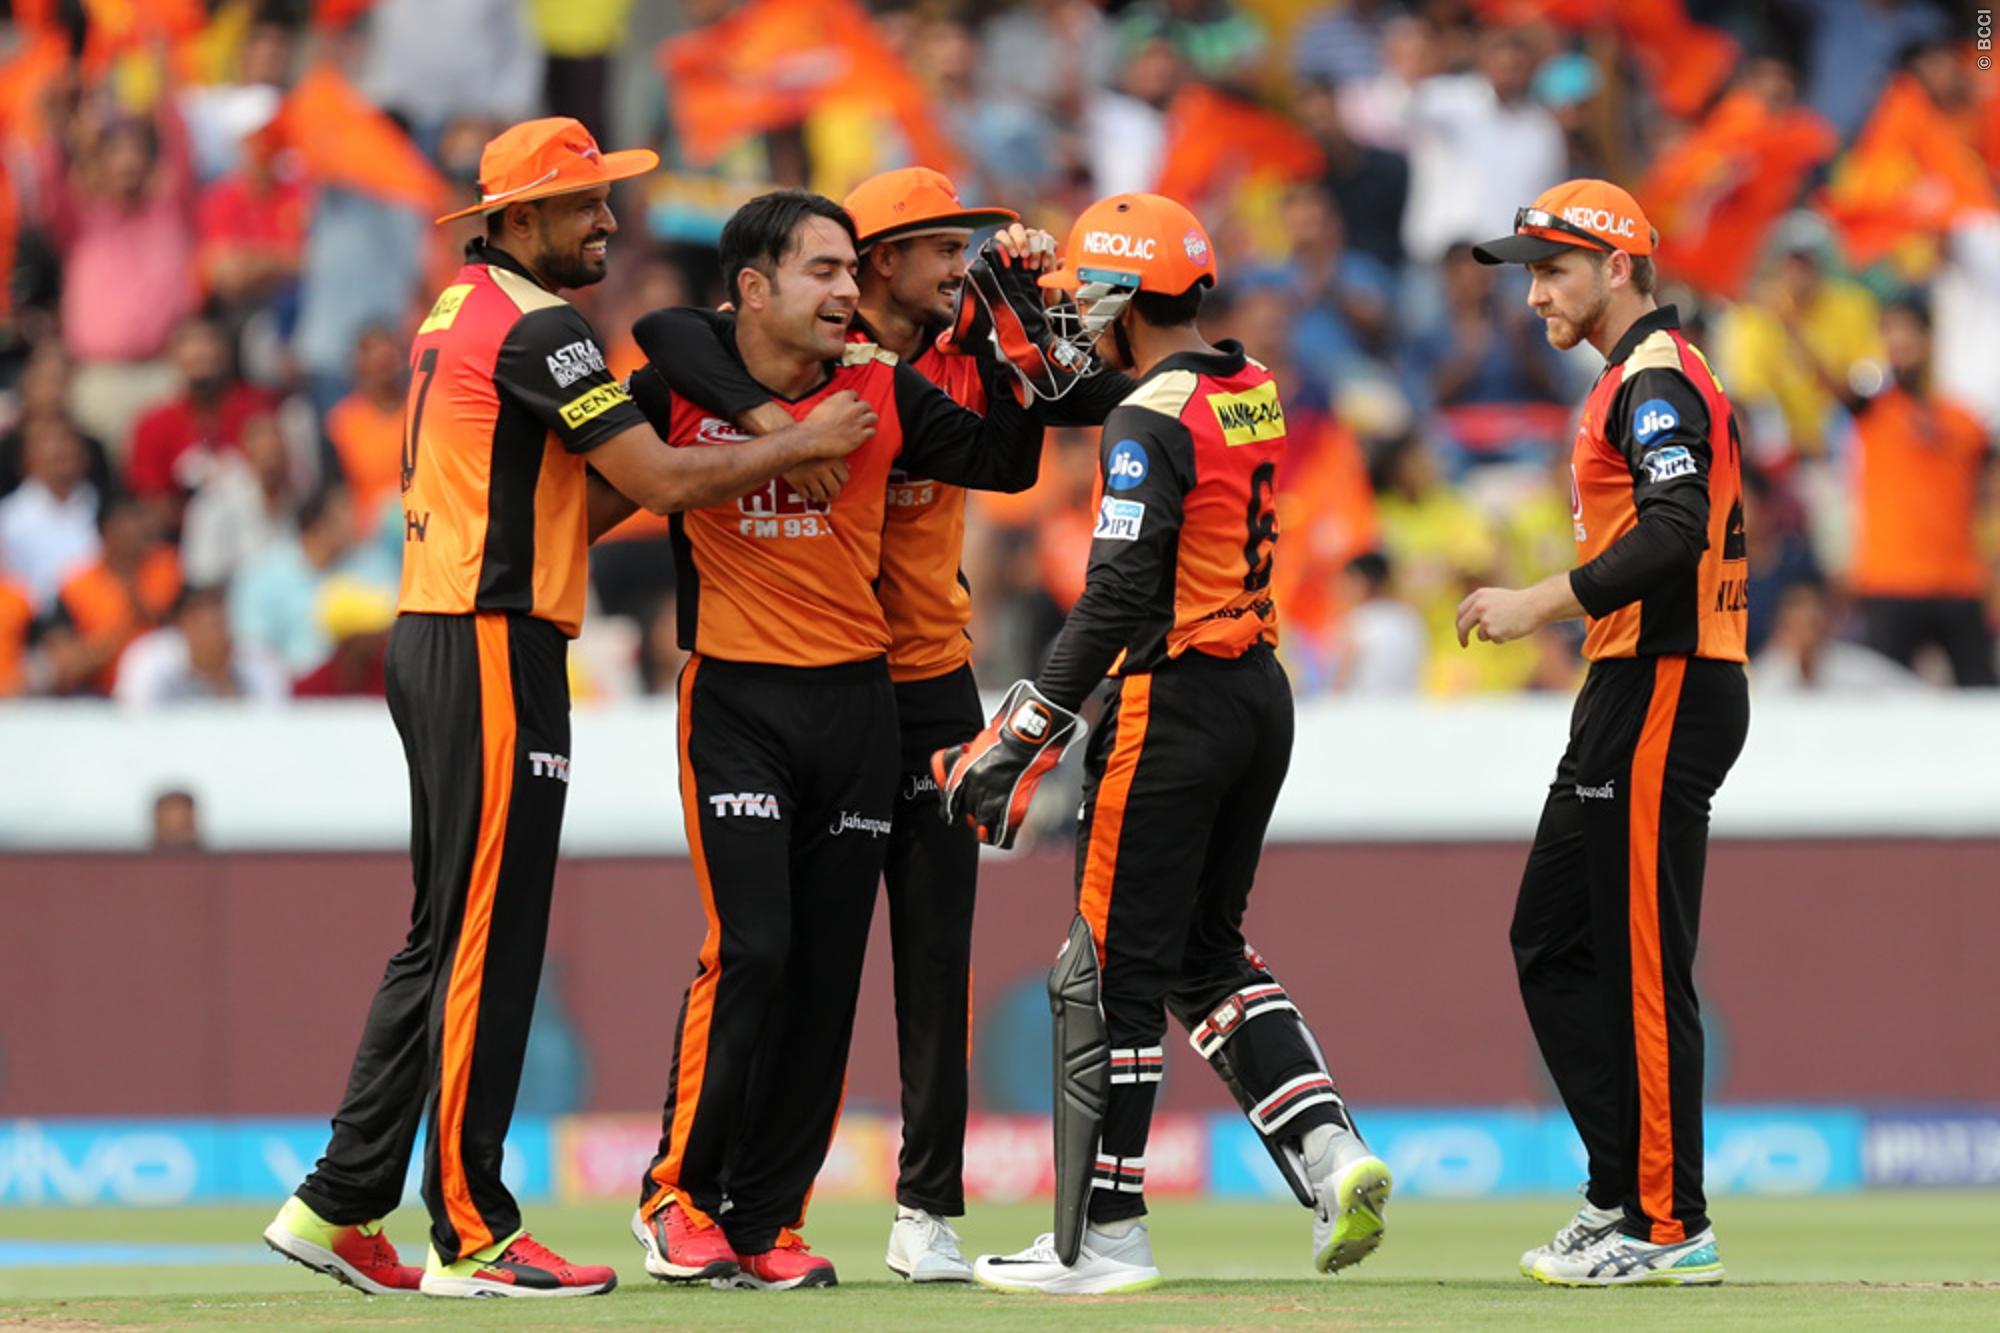 STATS: हैदराबाद और चेन्नई के बिच मैच में बने कुल 6 ऐतिहासिक रिकॉर्ड, लेकिन रैना ने कोहली को छोड़ा पीछे 2